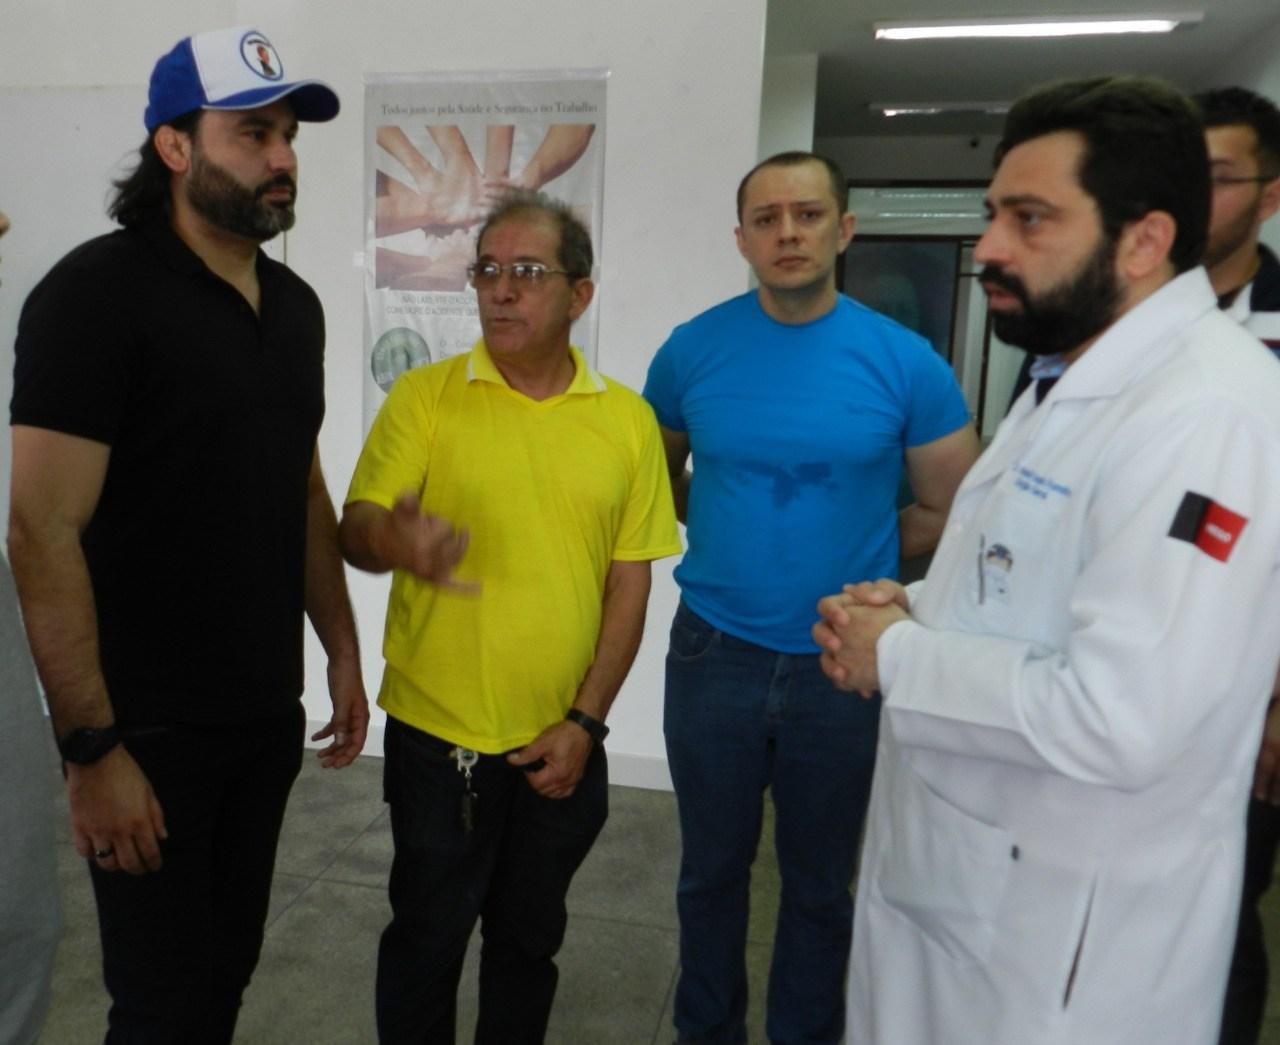 508c507e 5fc8 45c9 8659 f4f6f3baf7ac 1 - Parente de Bolsonaro, 'Léo Índio' visita Paraíba e discute indicação de cargos federais no estado